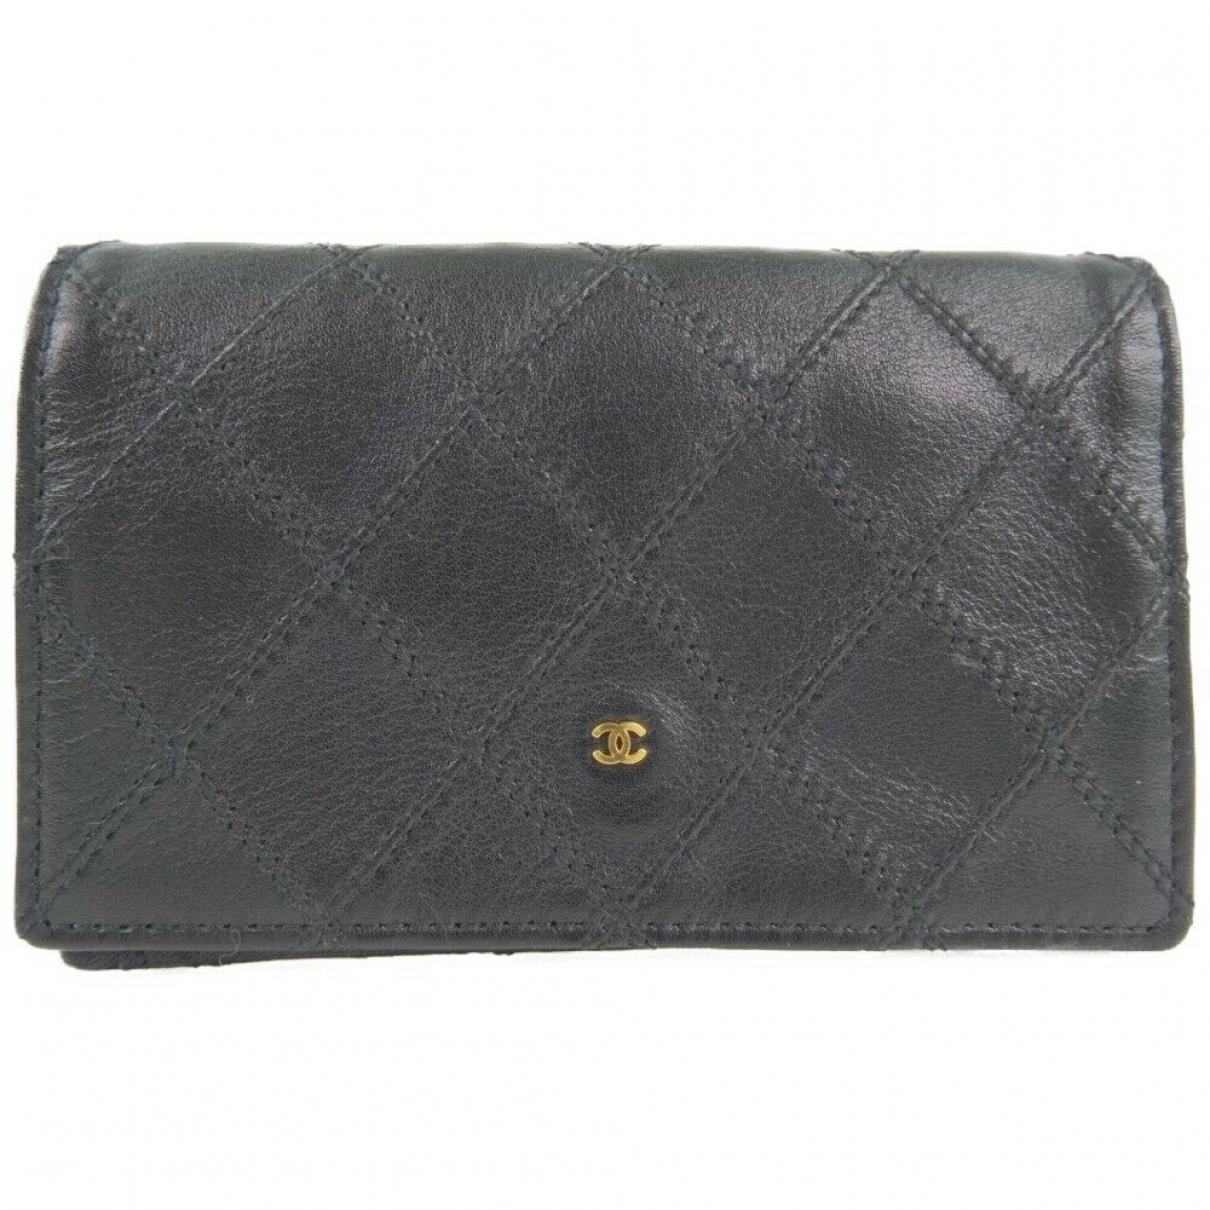 Chanel \N Fur wallet for Women \N